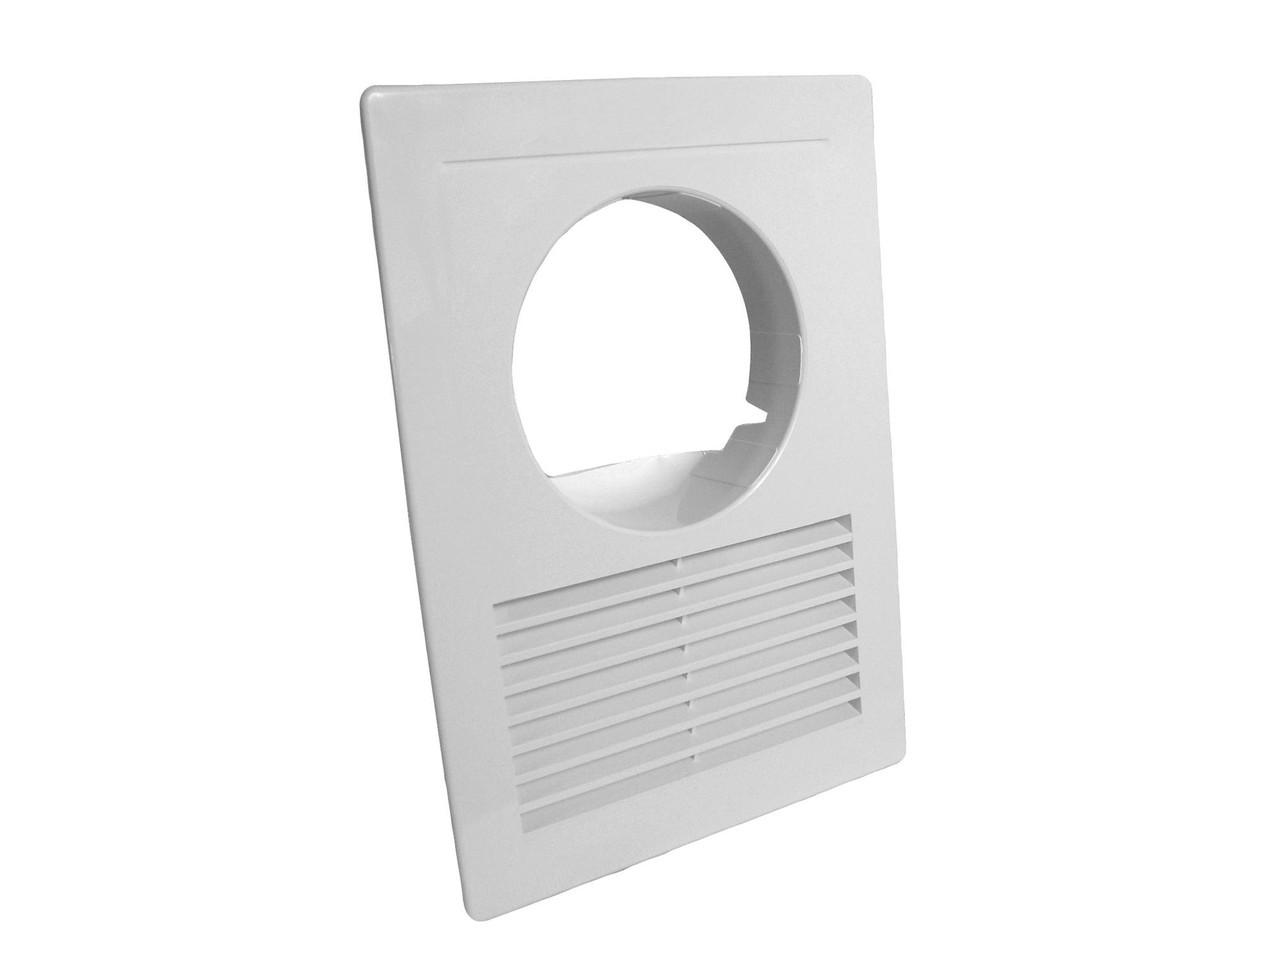 Решетка вентиляционная Dospel D/14 OW 125 (007-0663)